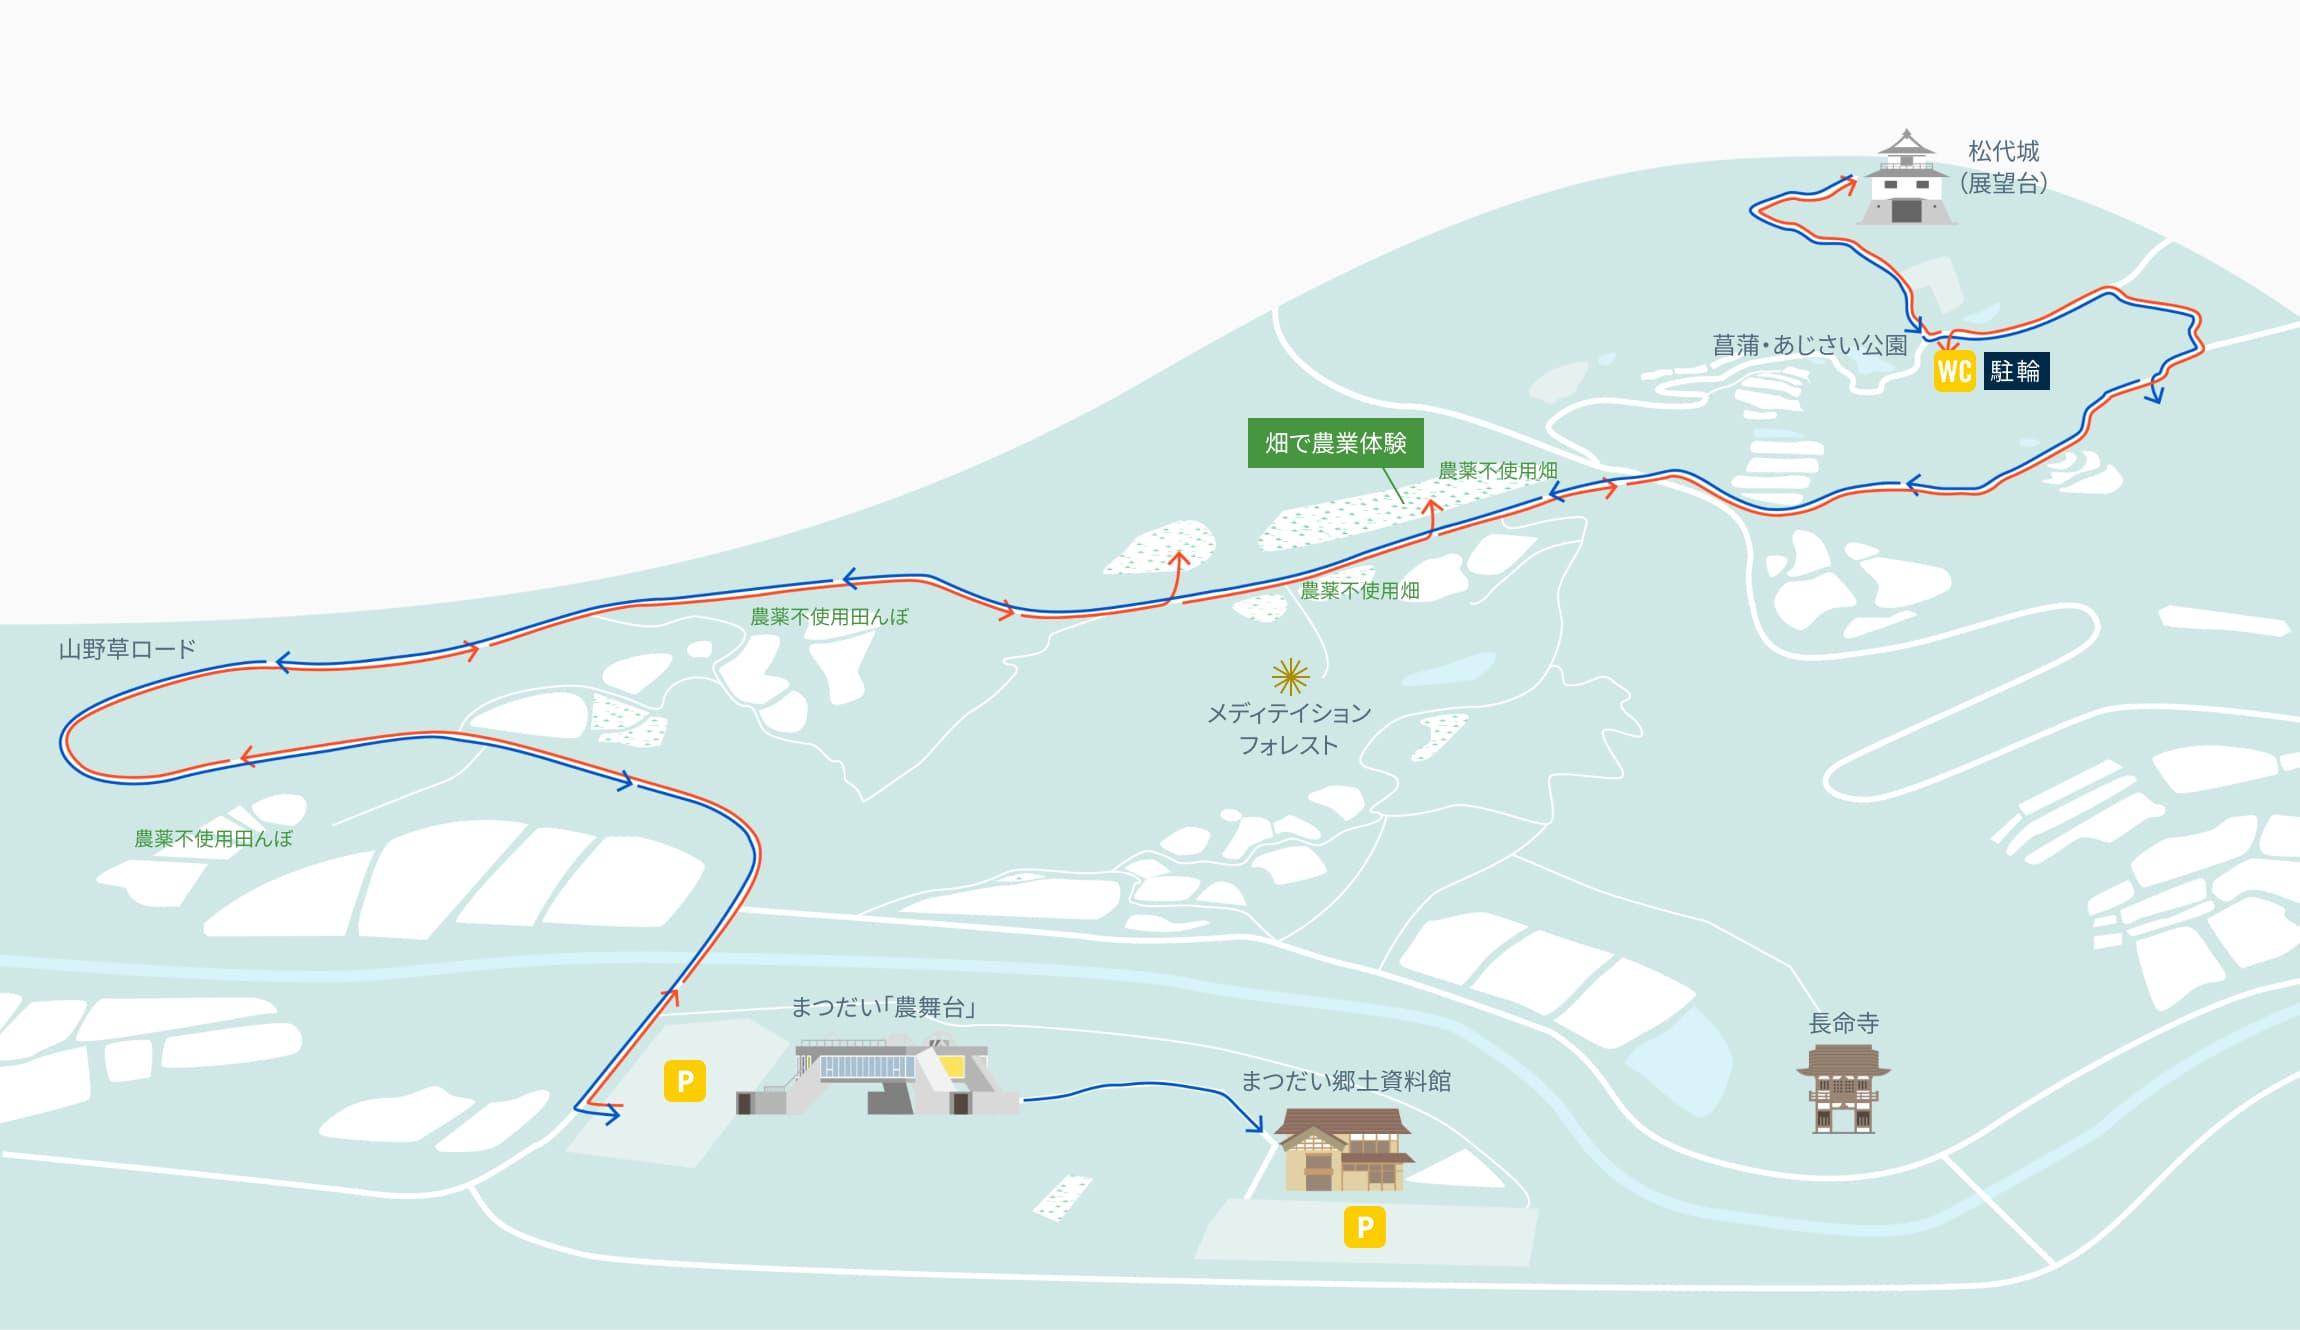 レンタサイクルのルートのマップ